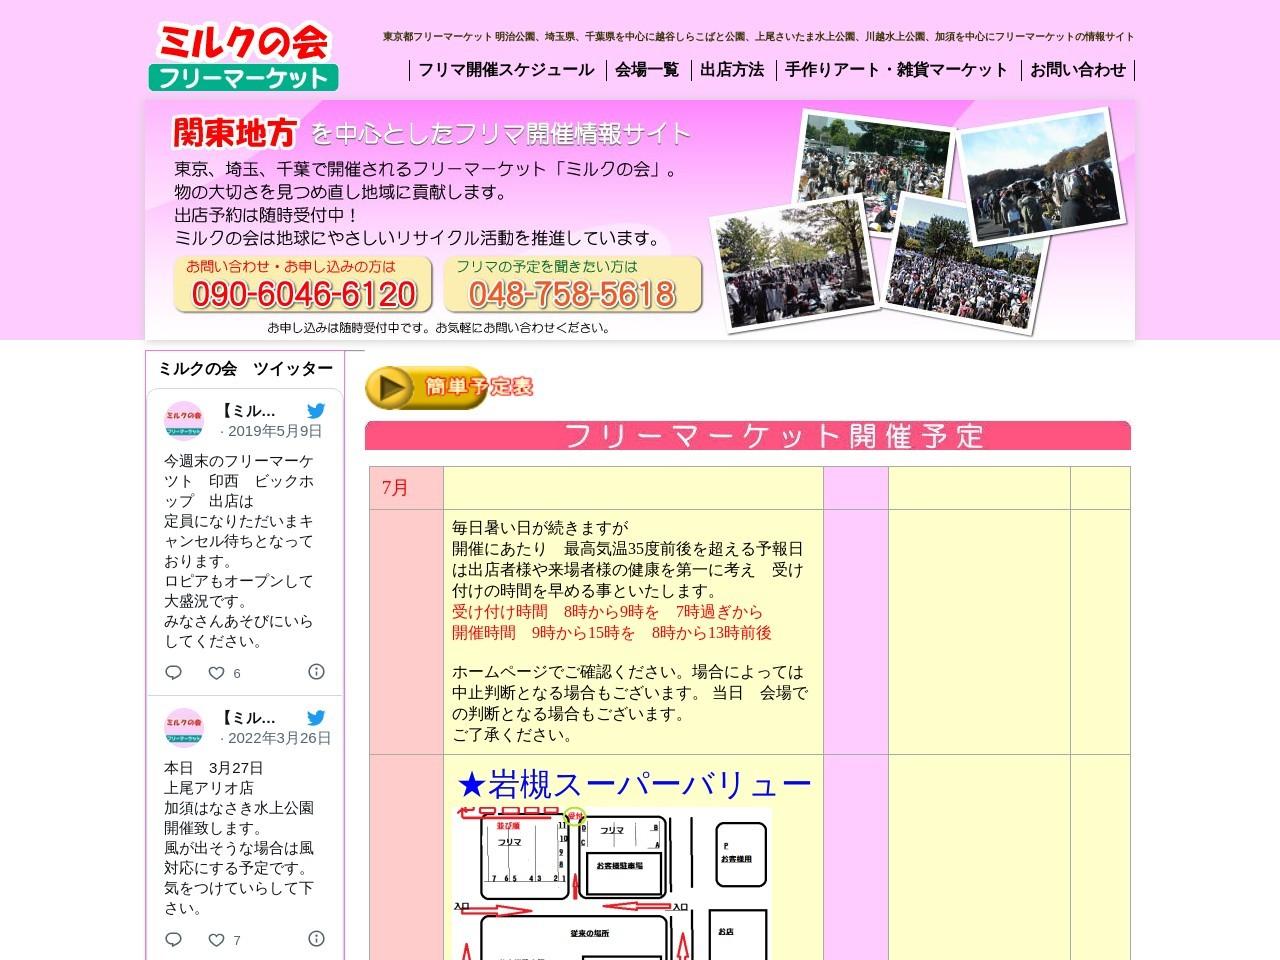 ミルクの会 -ホームページ- 明治公園、東京、埼玉、千葉のフリーマーケット情報サイト